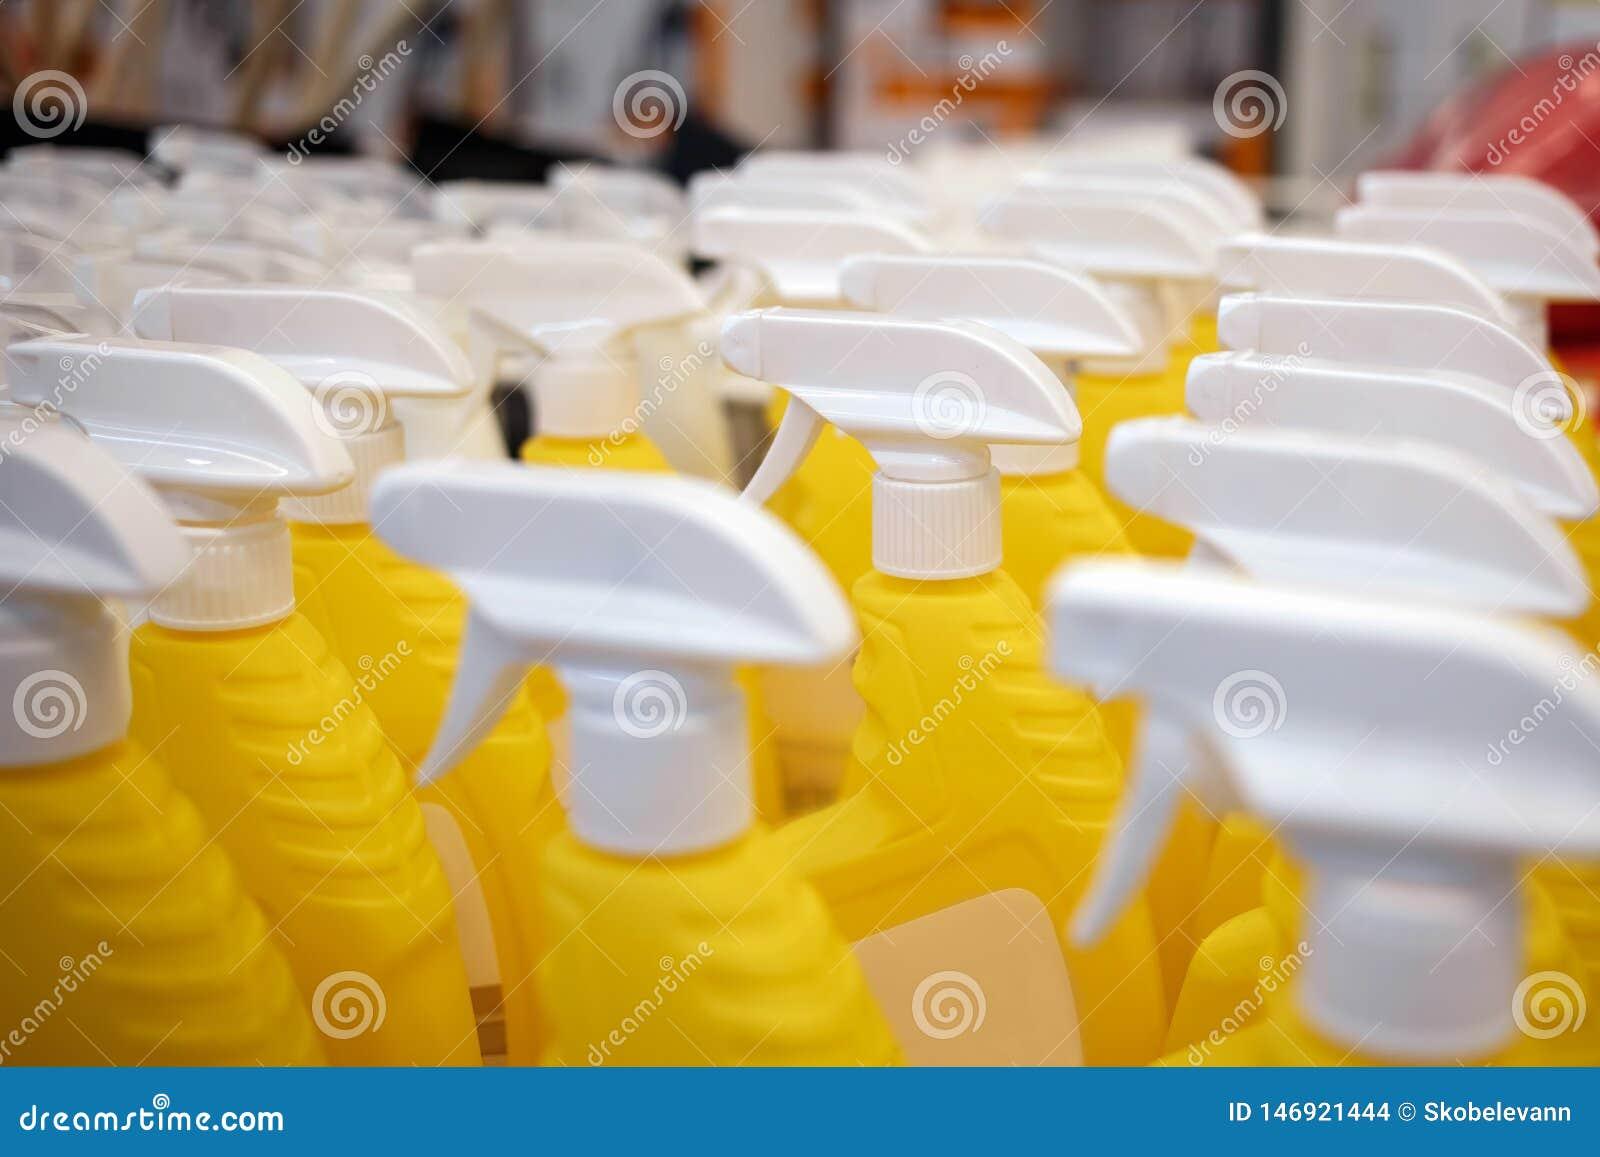 Bouteilles jaunes dans le magasin Pulvérisateurs pour l eau Les beaux pulvérisateurs sont sur les étagères de supermarché